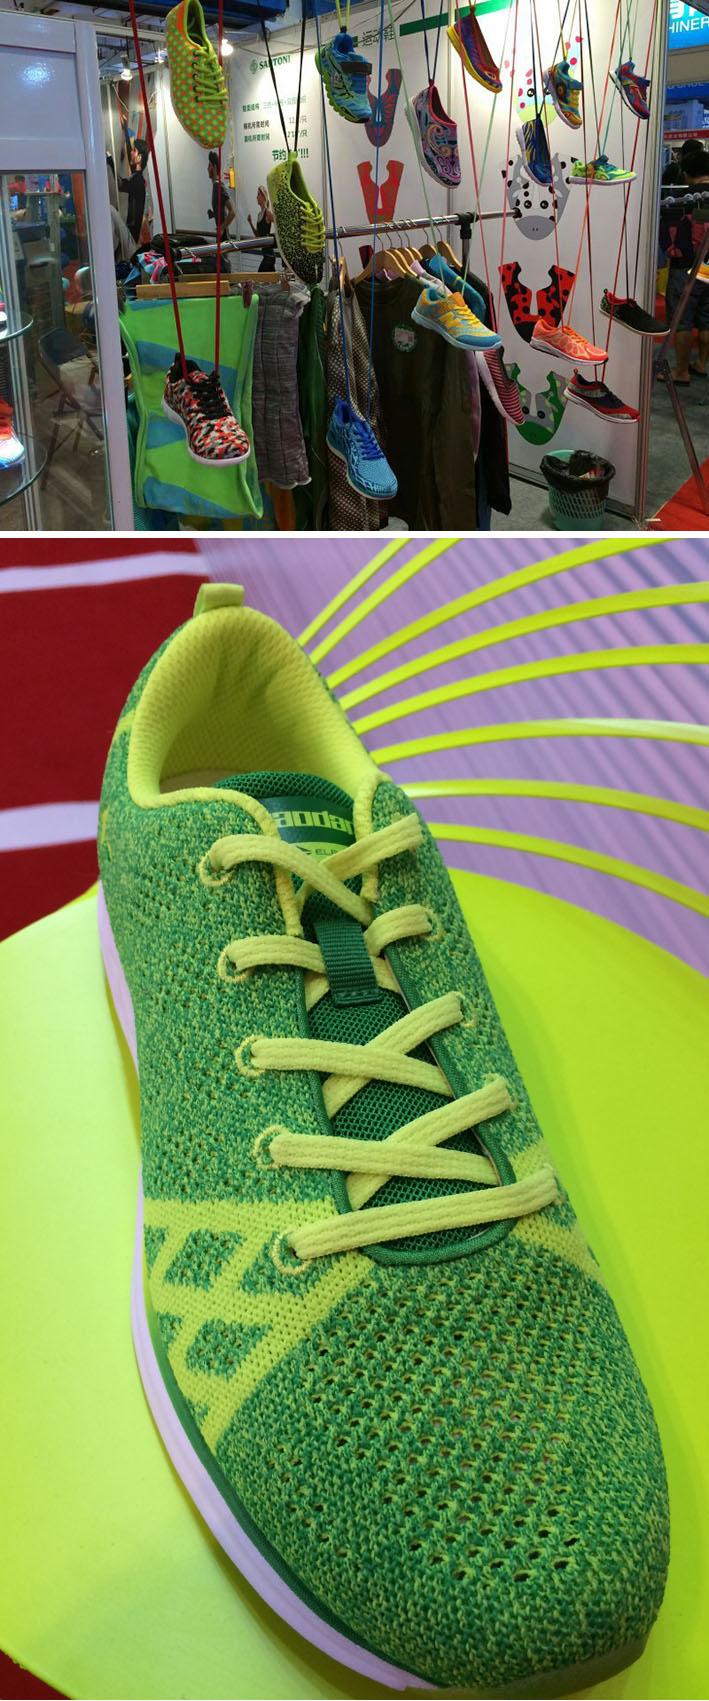 Máquinas de tricô e impressão 3D estão revolucionando a fabricação de calçados stylo urbano-2